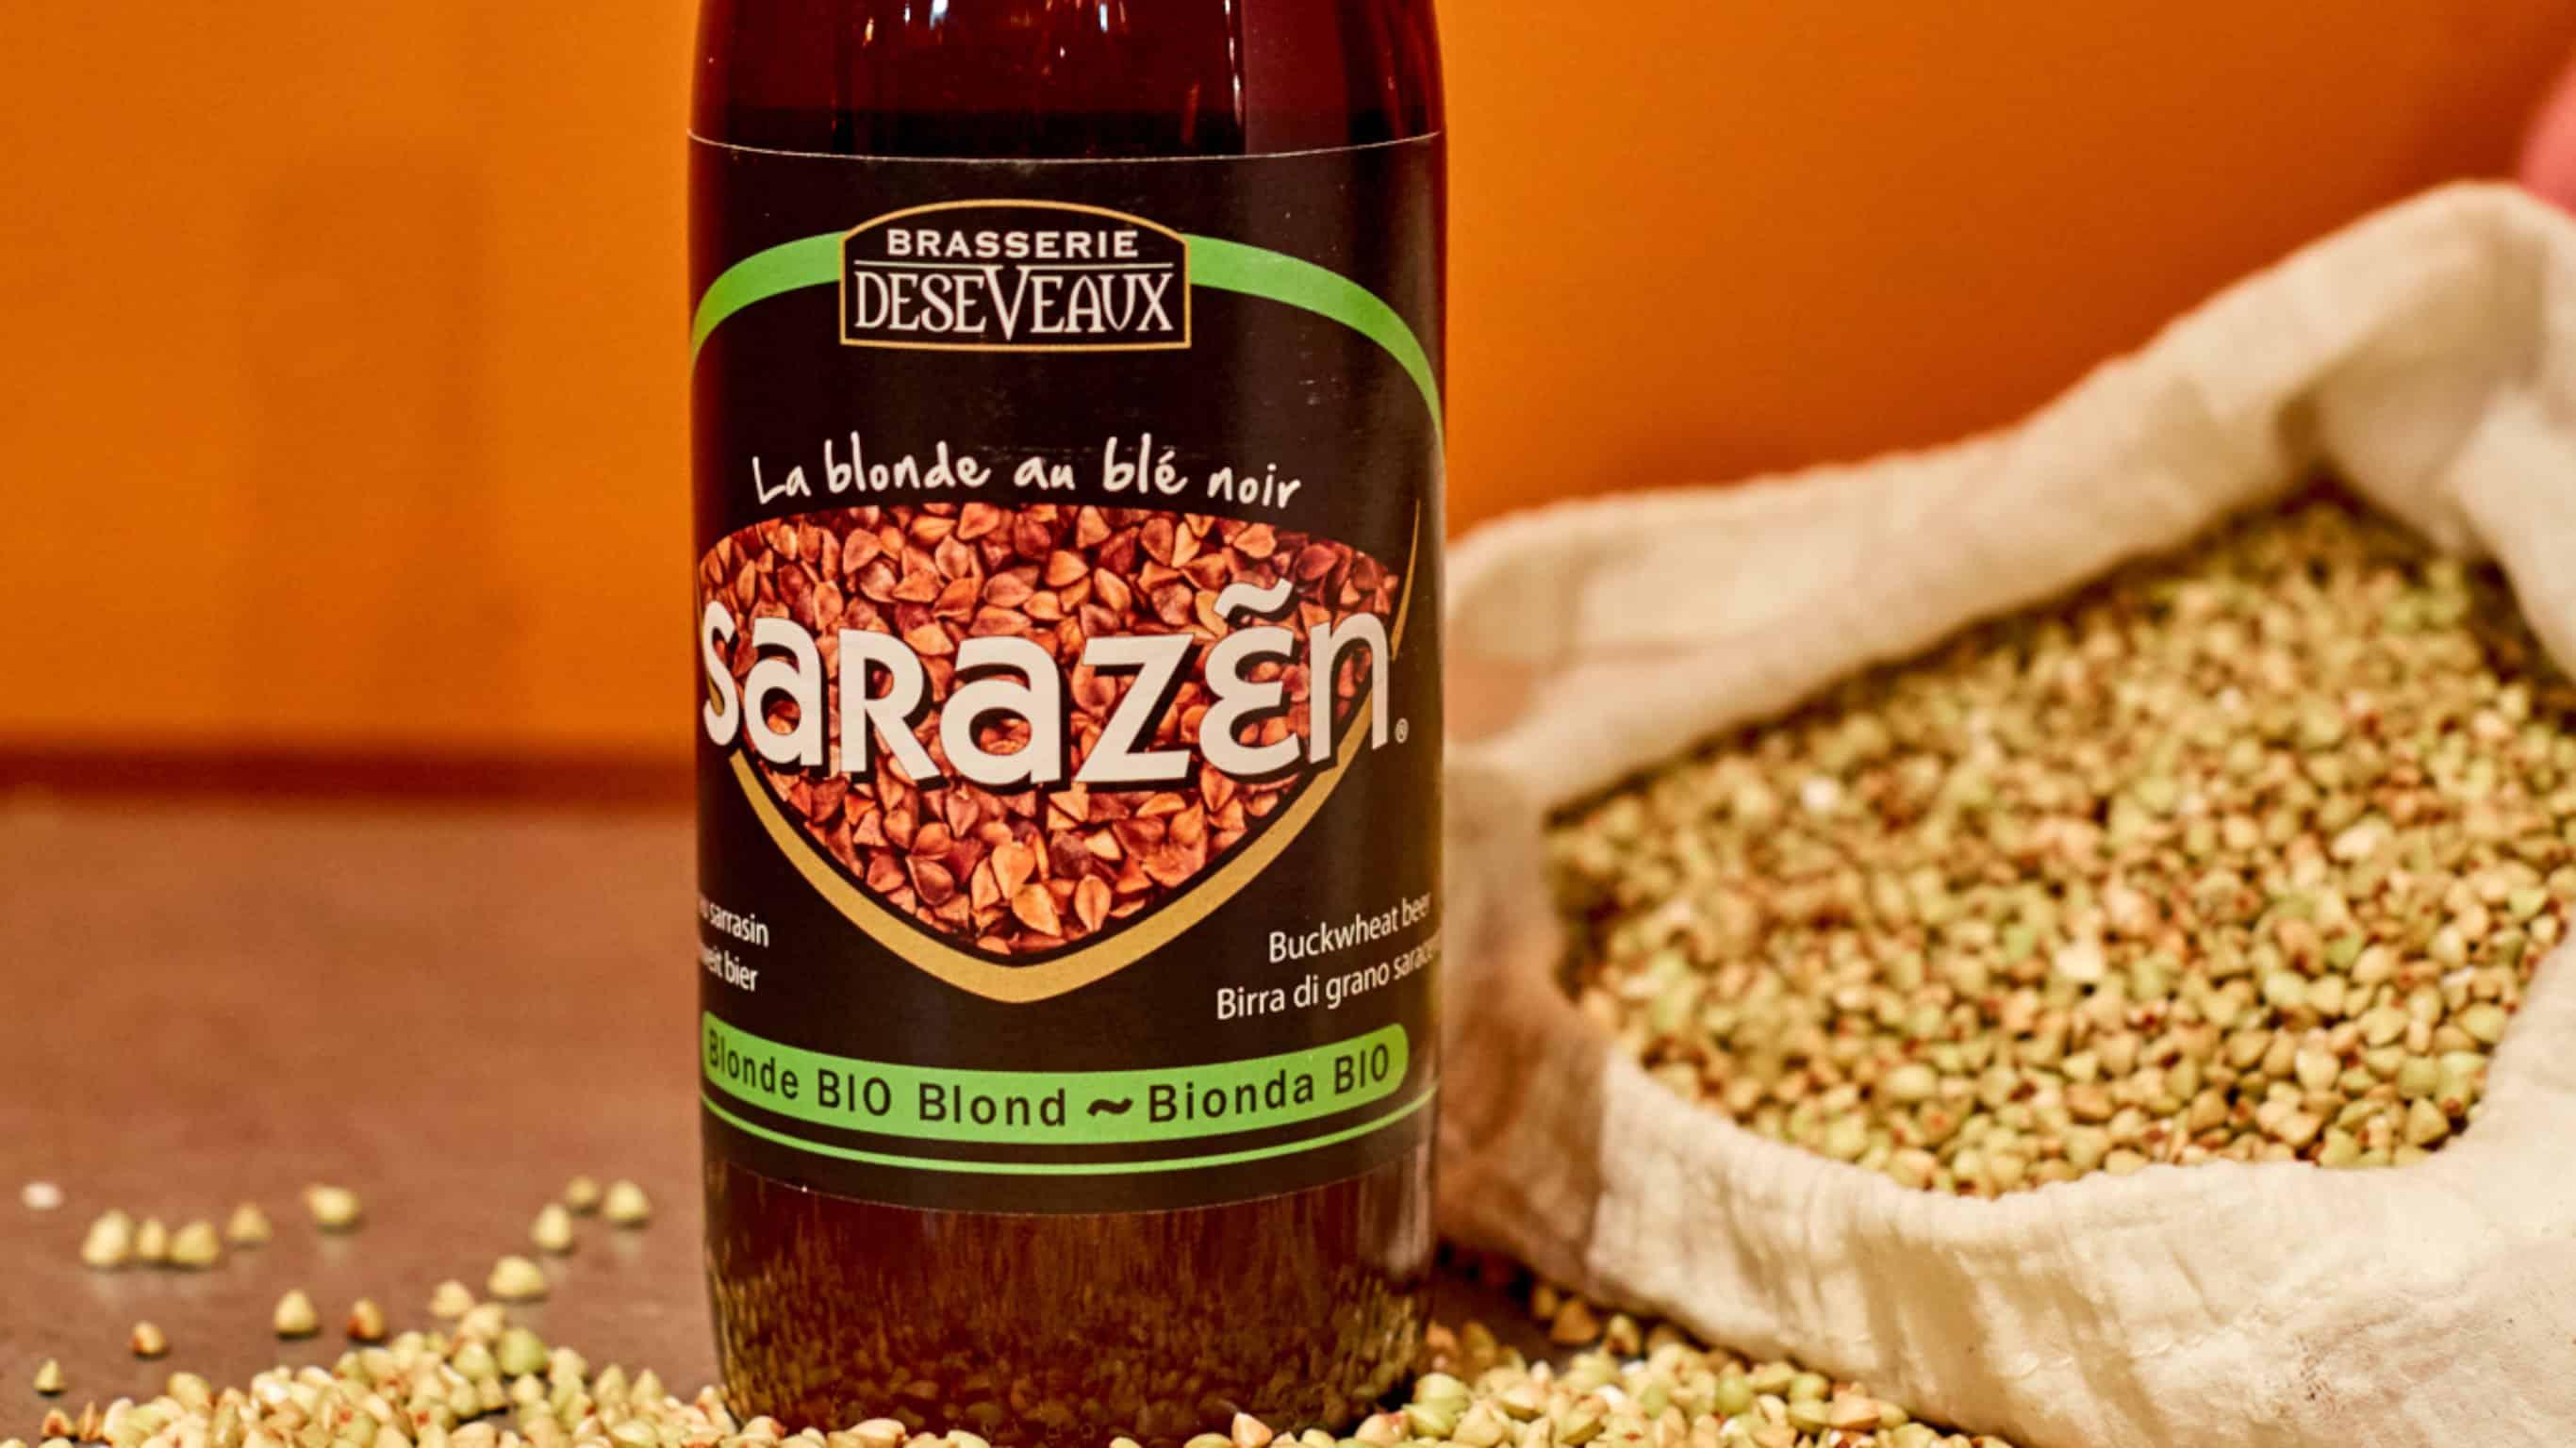 Organic beer - Sarazen